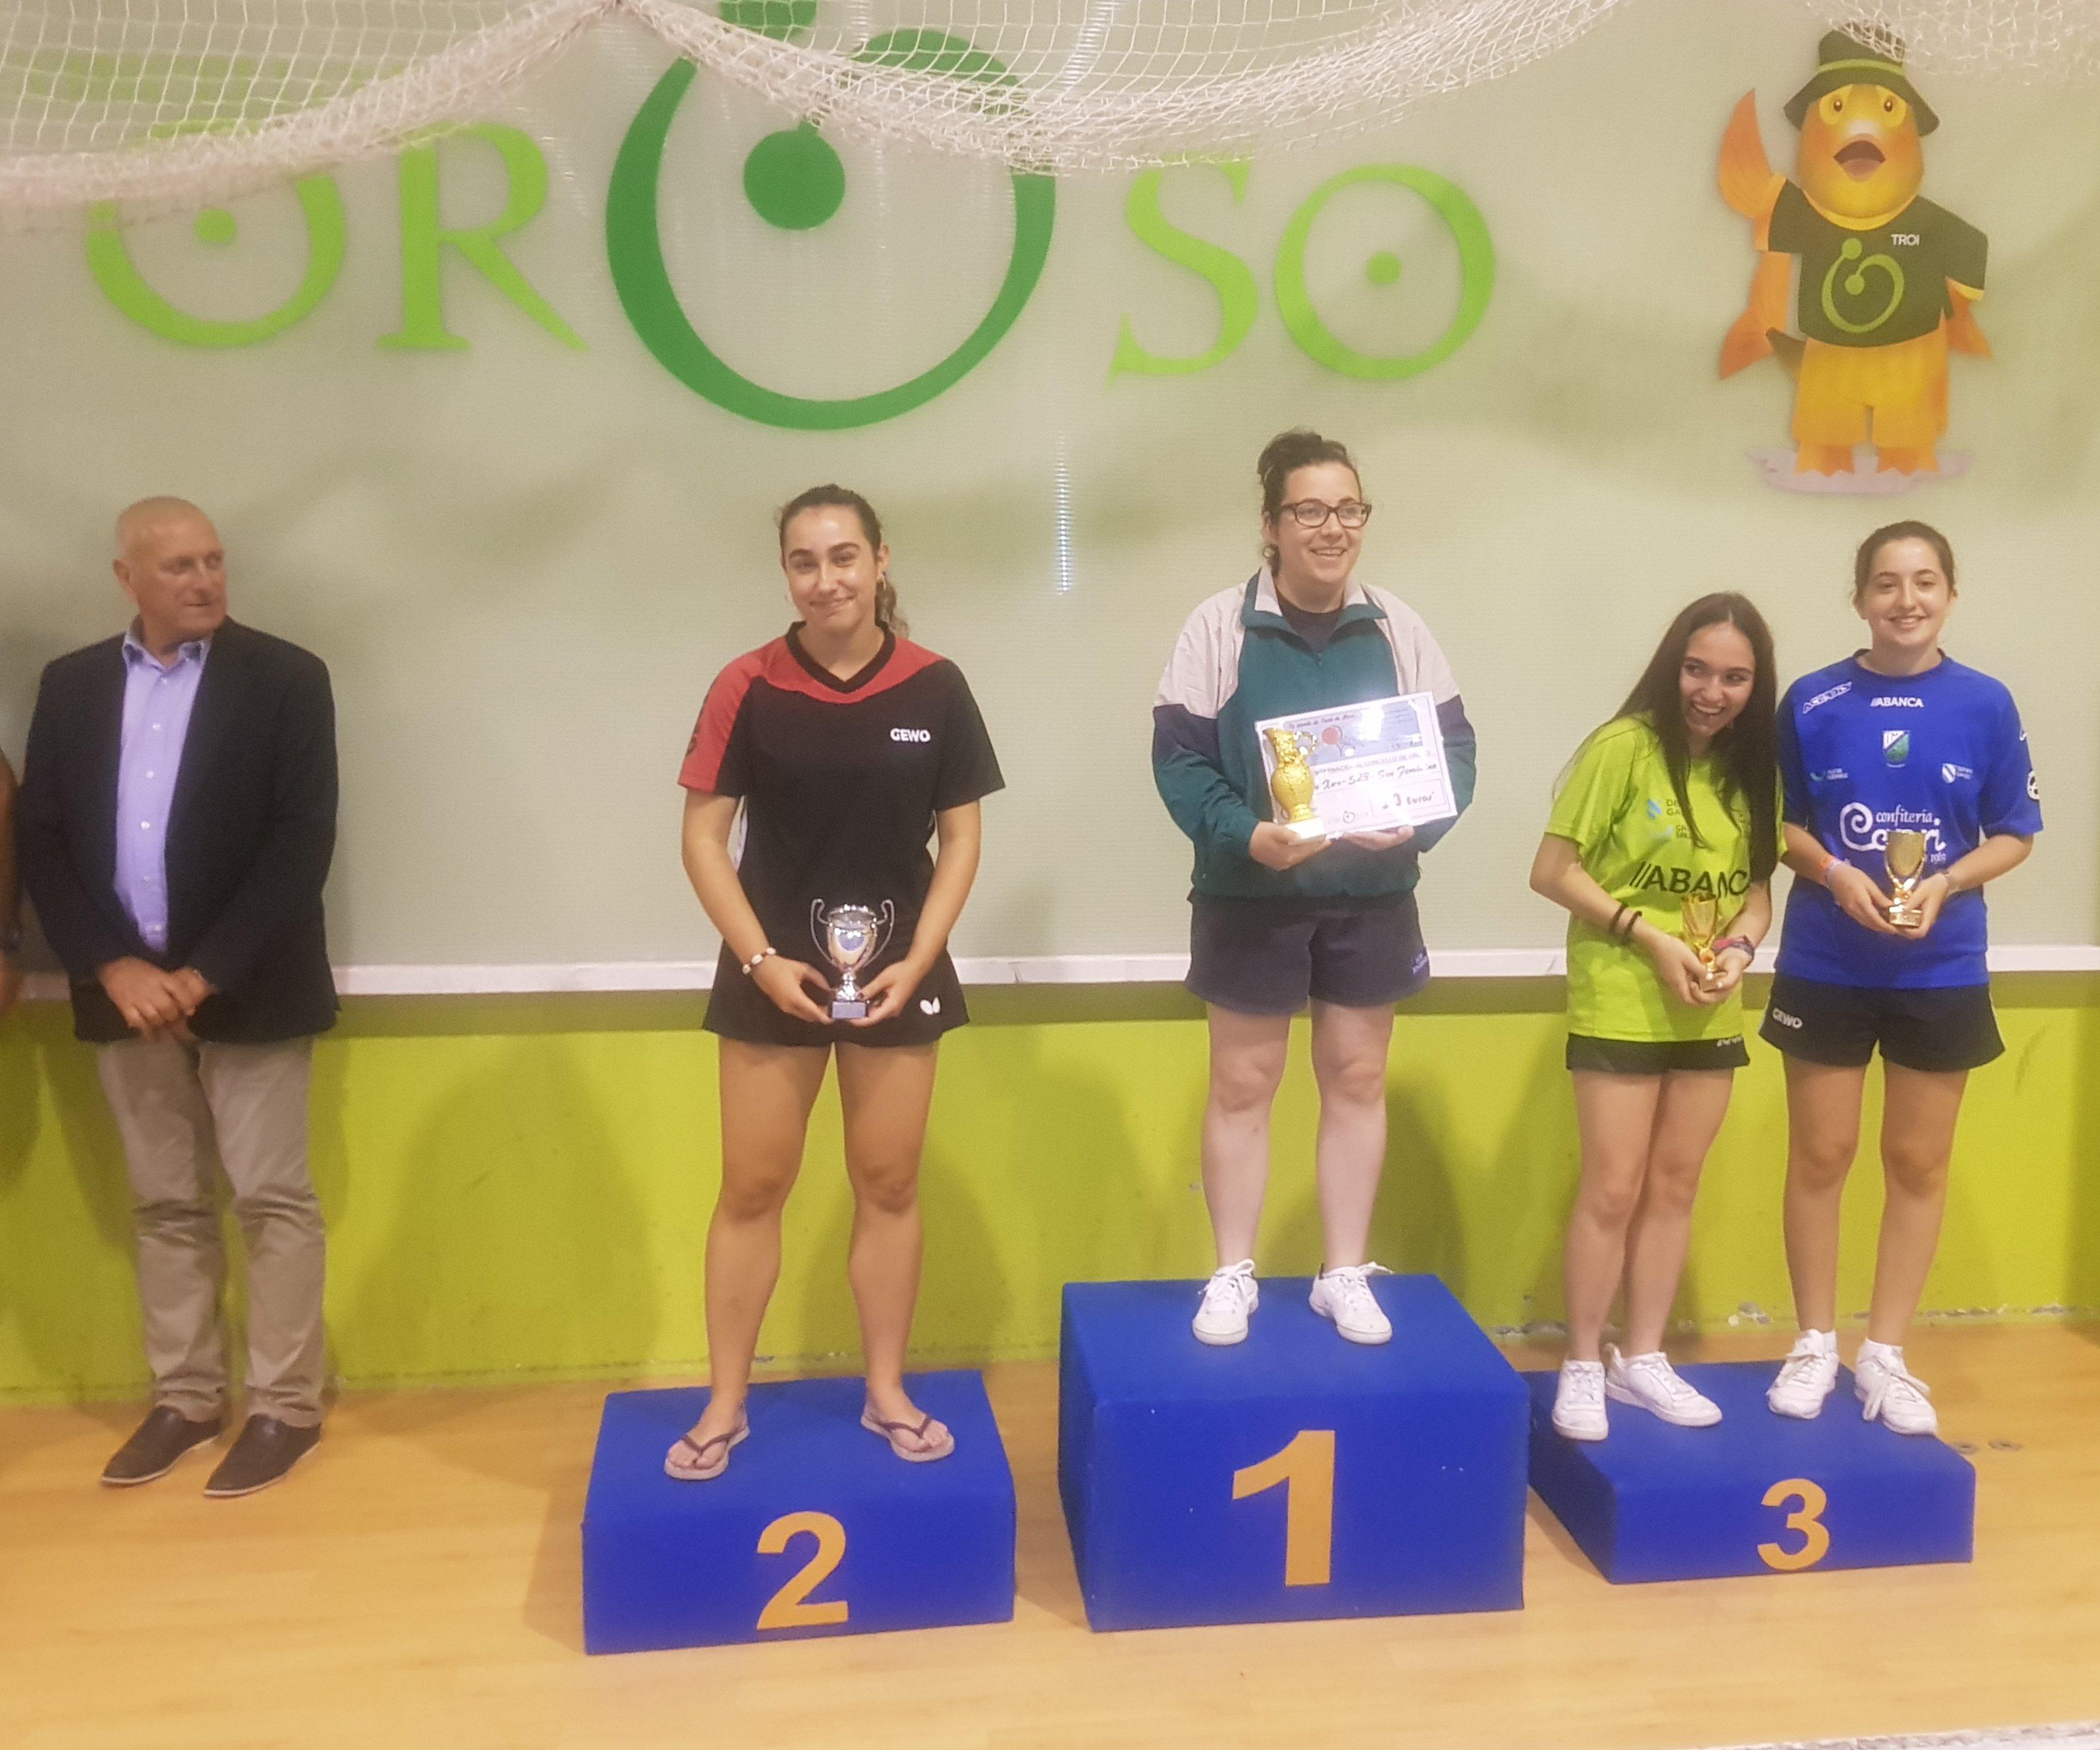 Itziar Dopico, Subcampeona Senior del Torneo Internacional de Oroso (A Coruña) de Tenis Mesa)